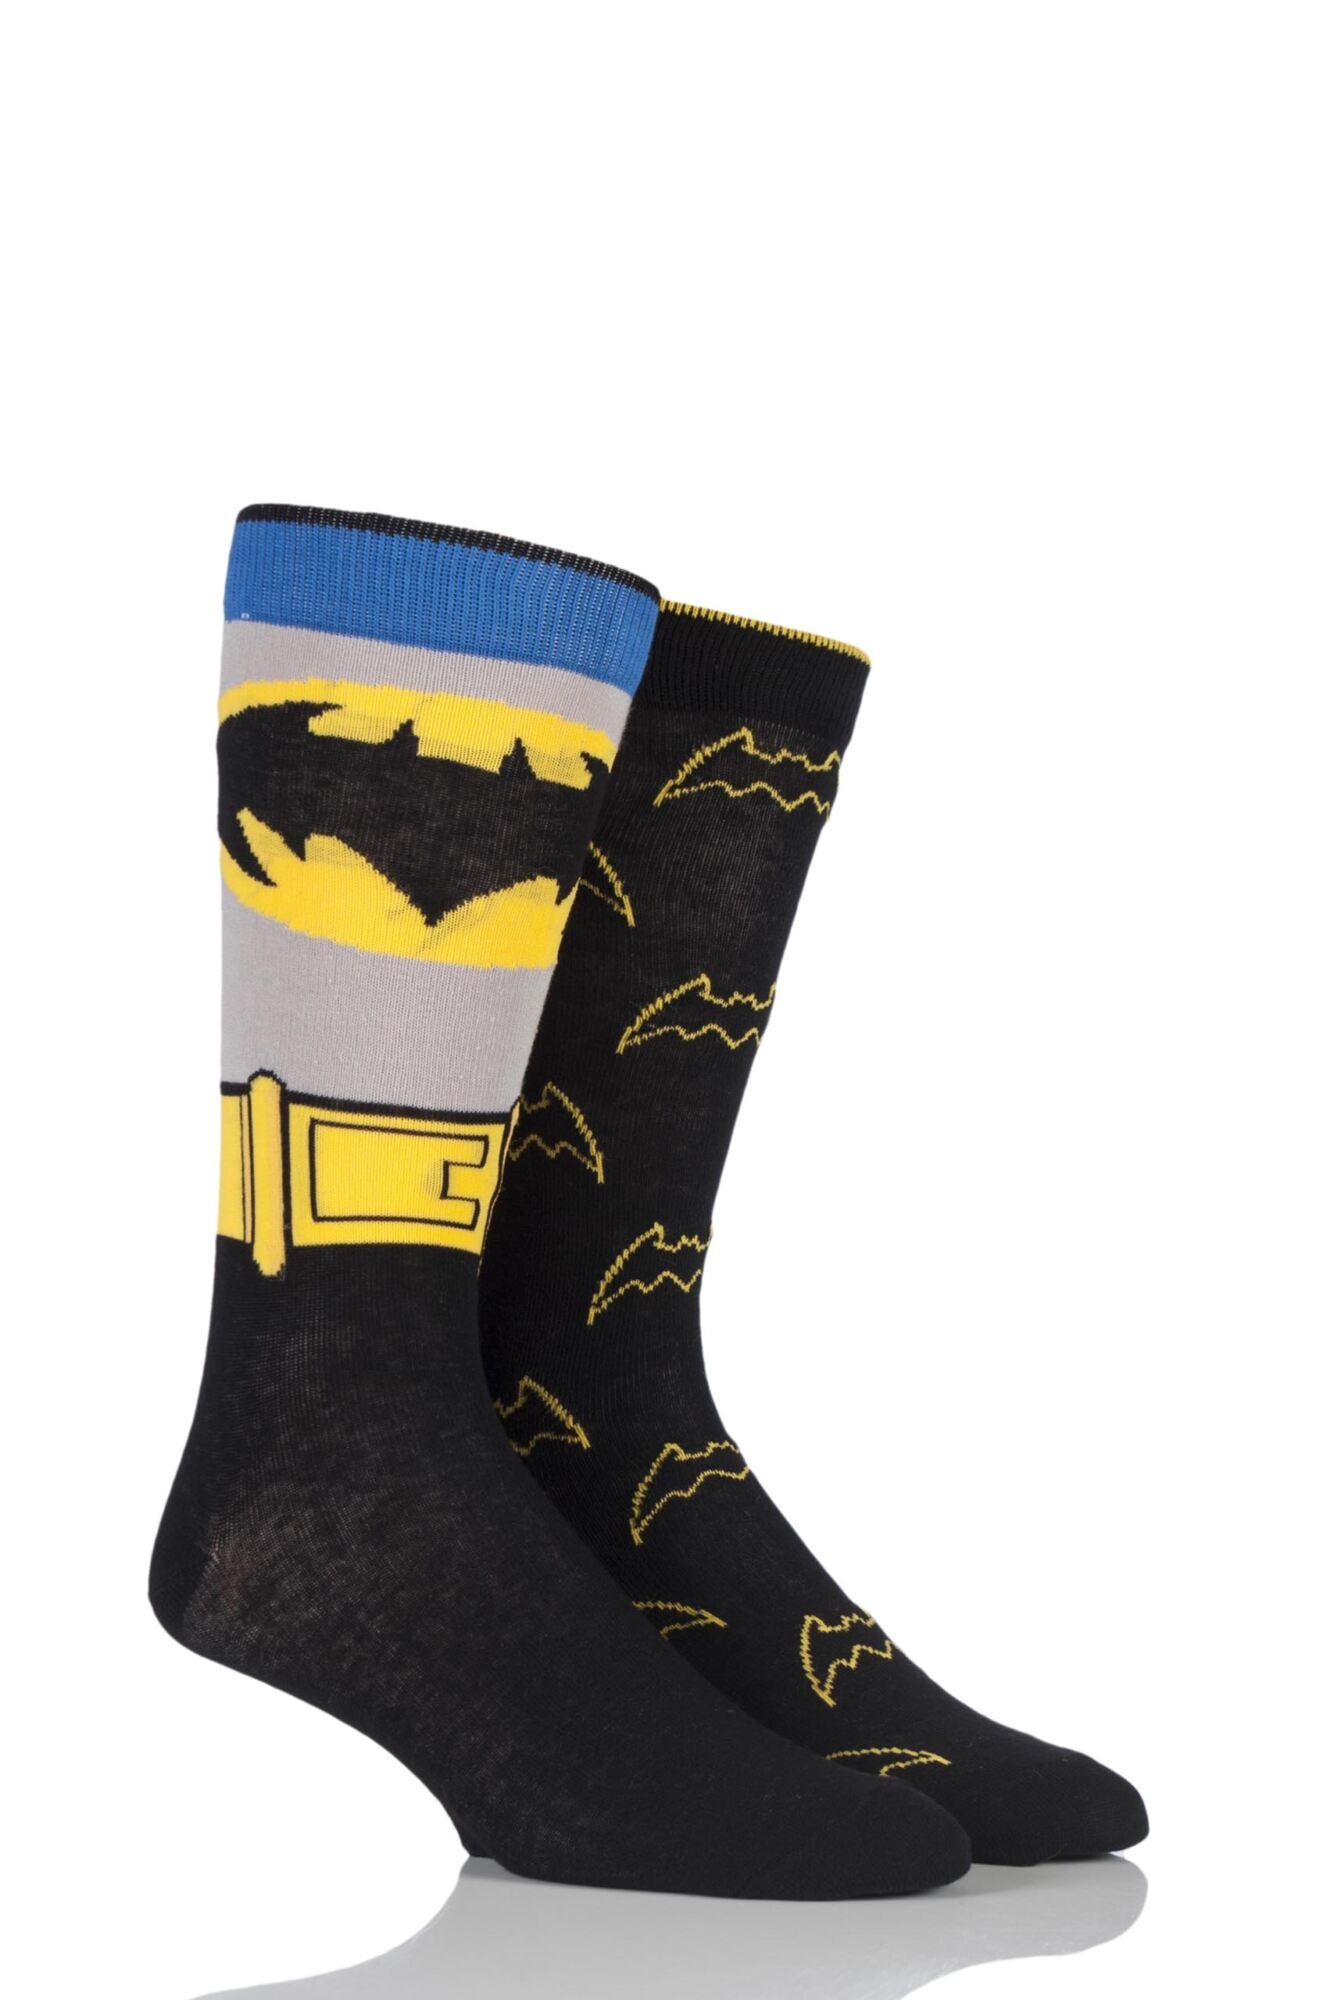 2 Pair DC Comics Mix Batman Socks Men's - Film & TV Characters